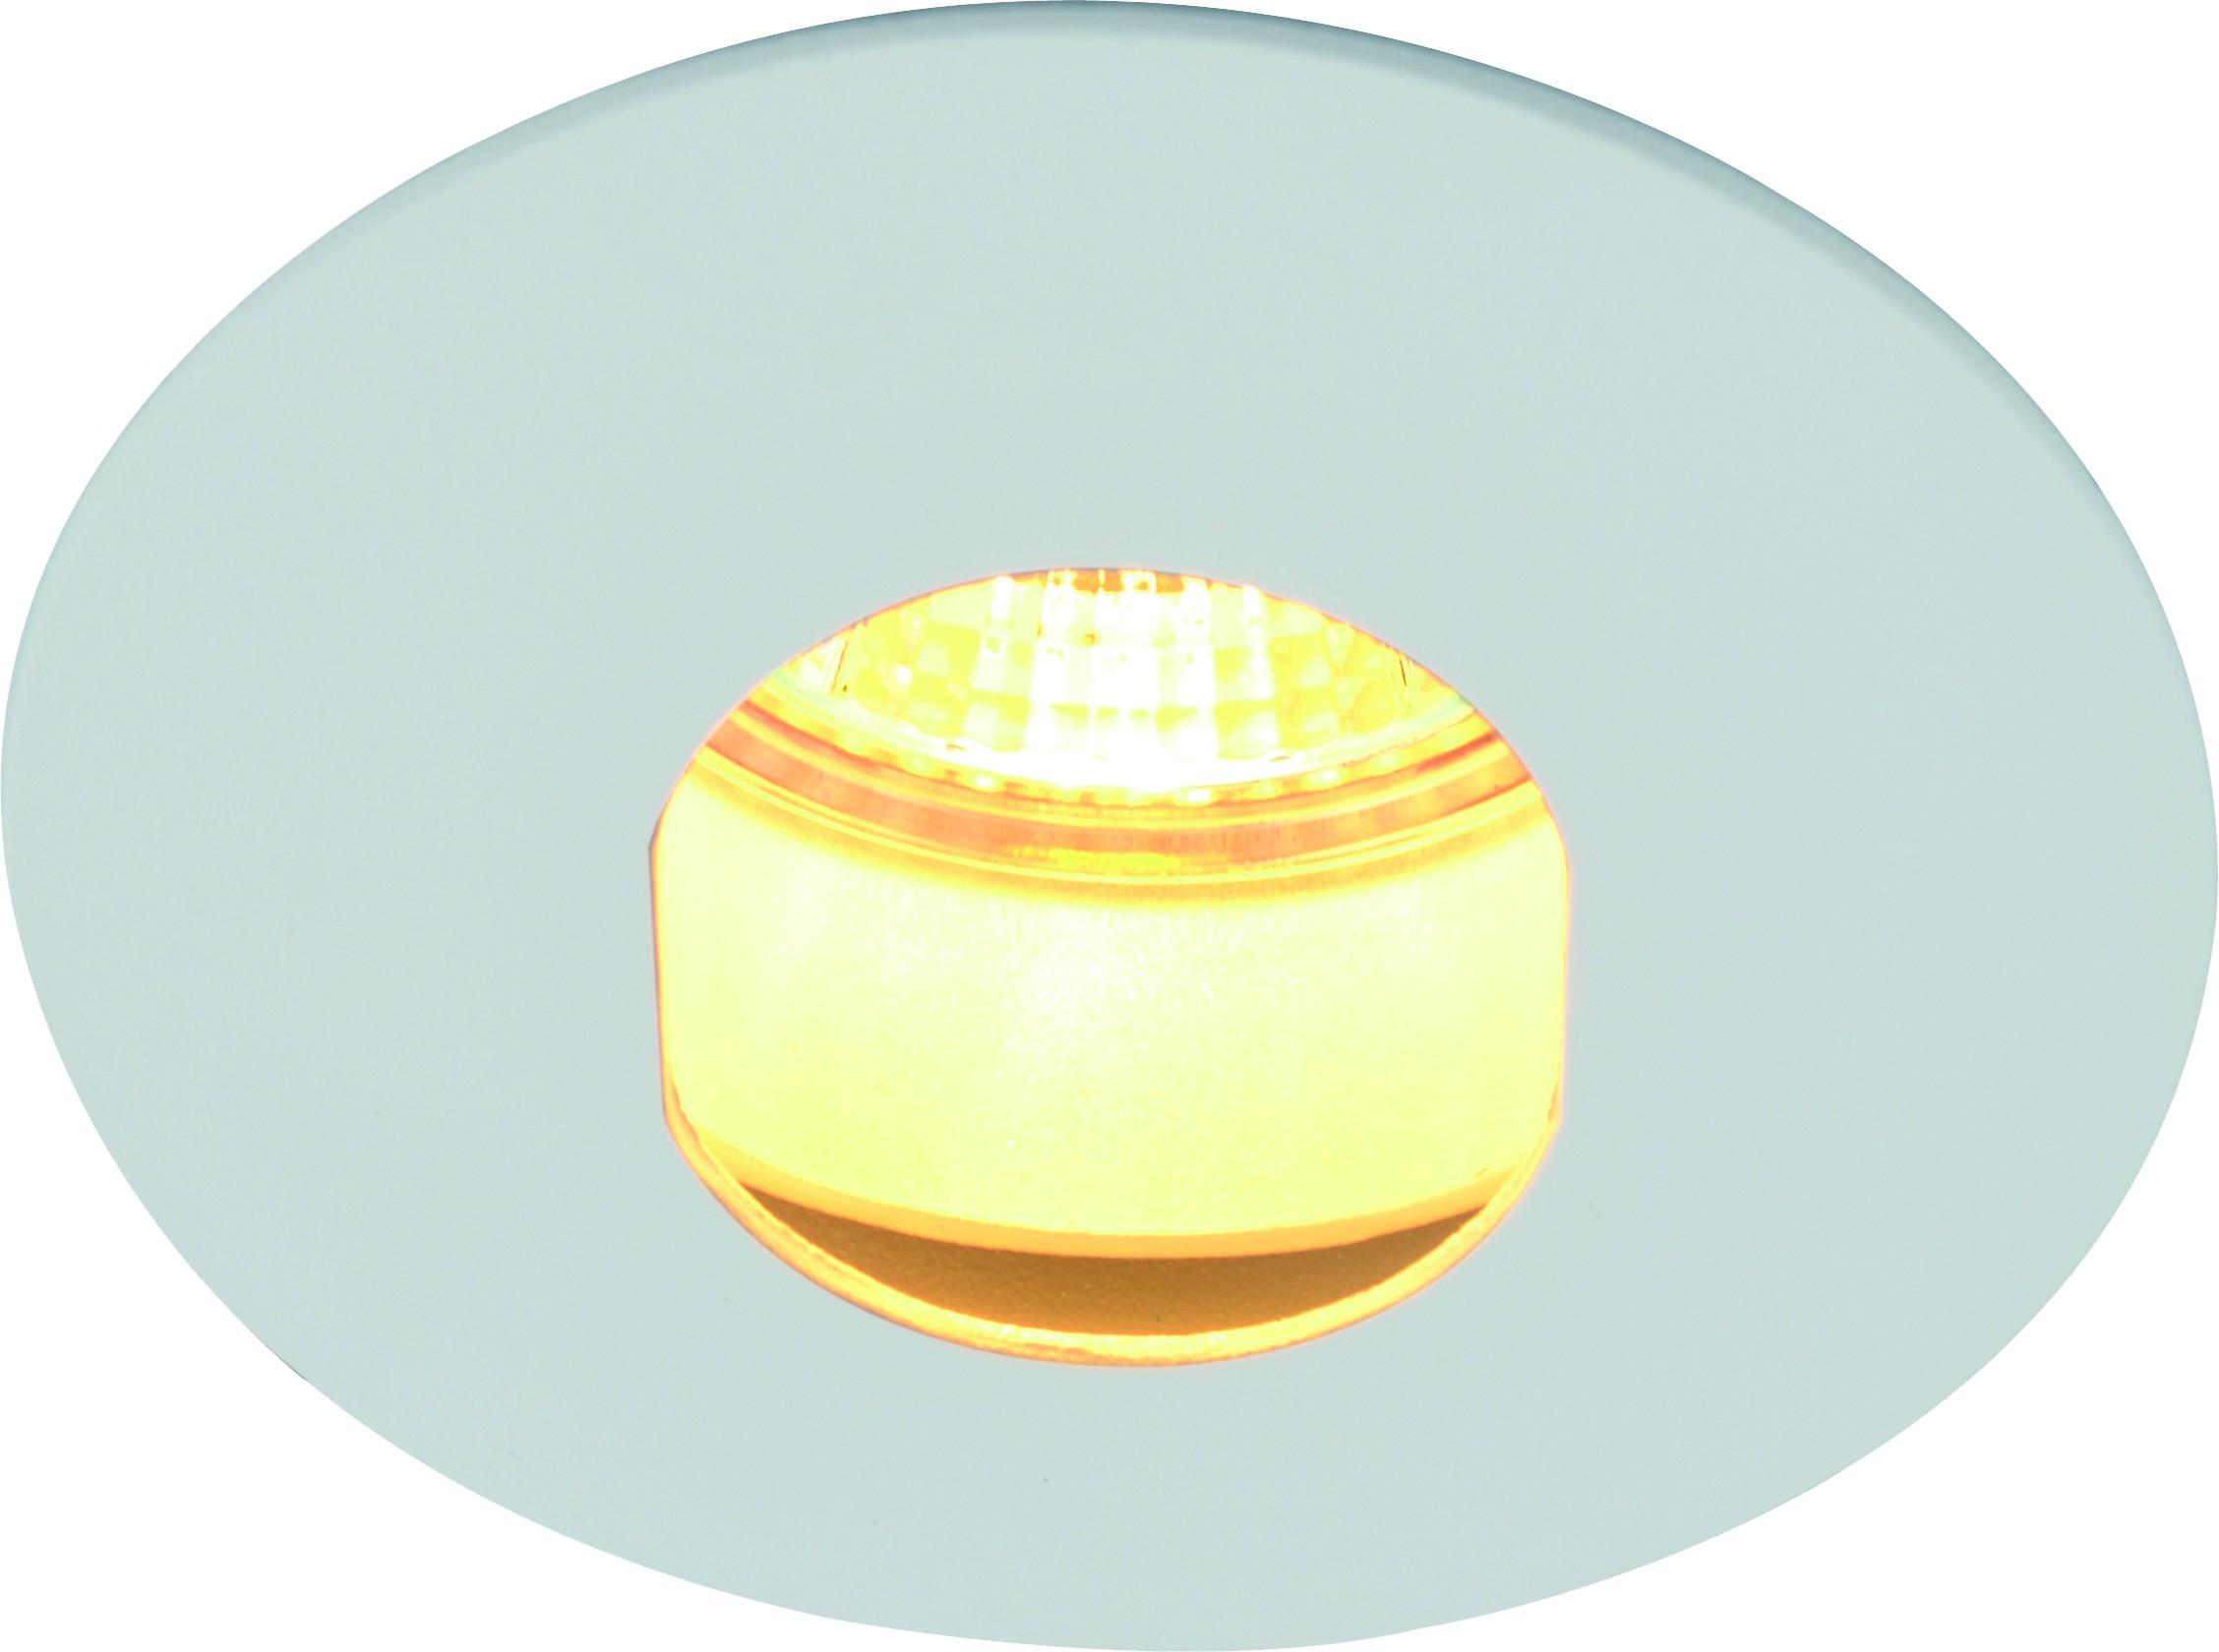 Светильник встраиваемый Arte lamp A3219pl-1wh встраиваемый спот точечный светильник arte lamp accento a3219pl 1ss